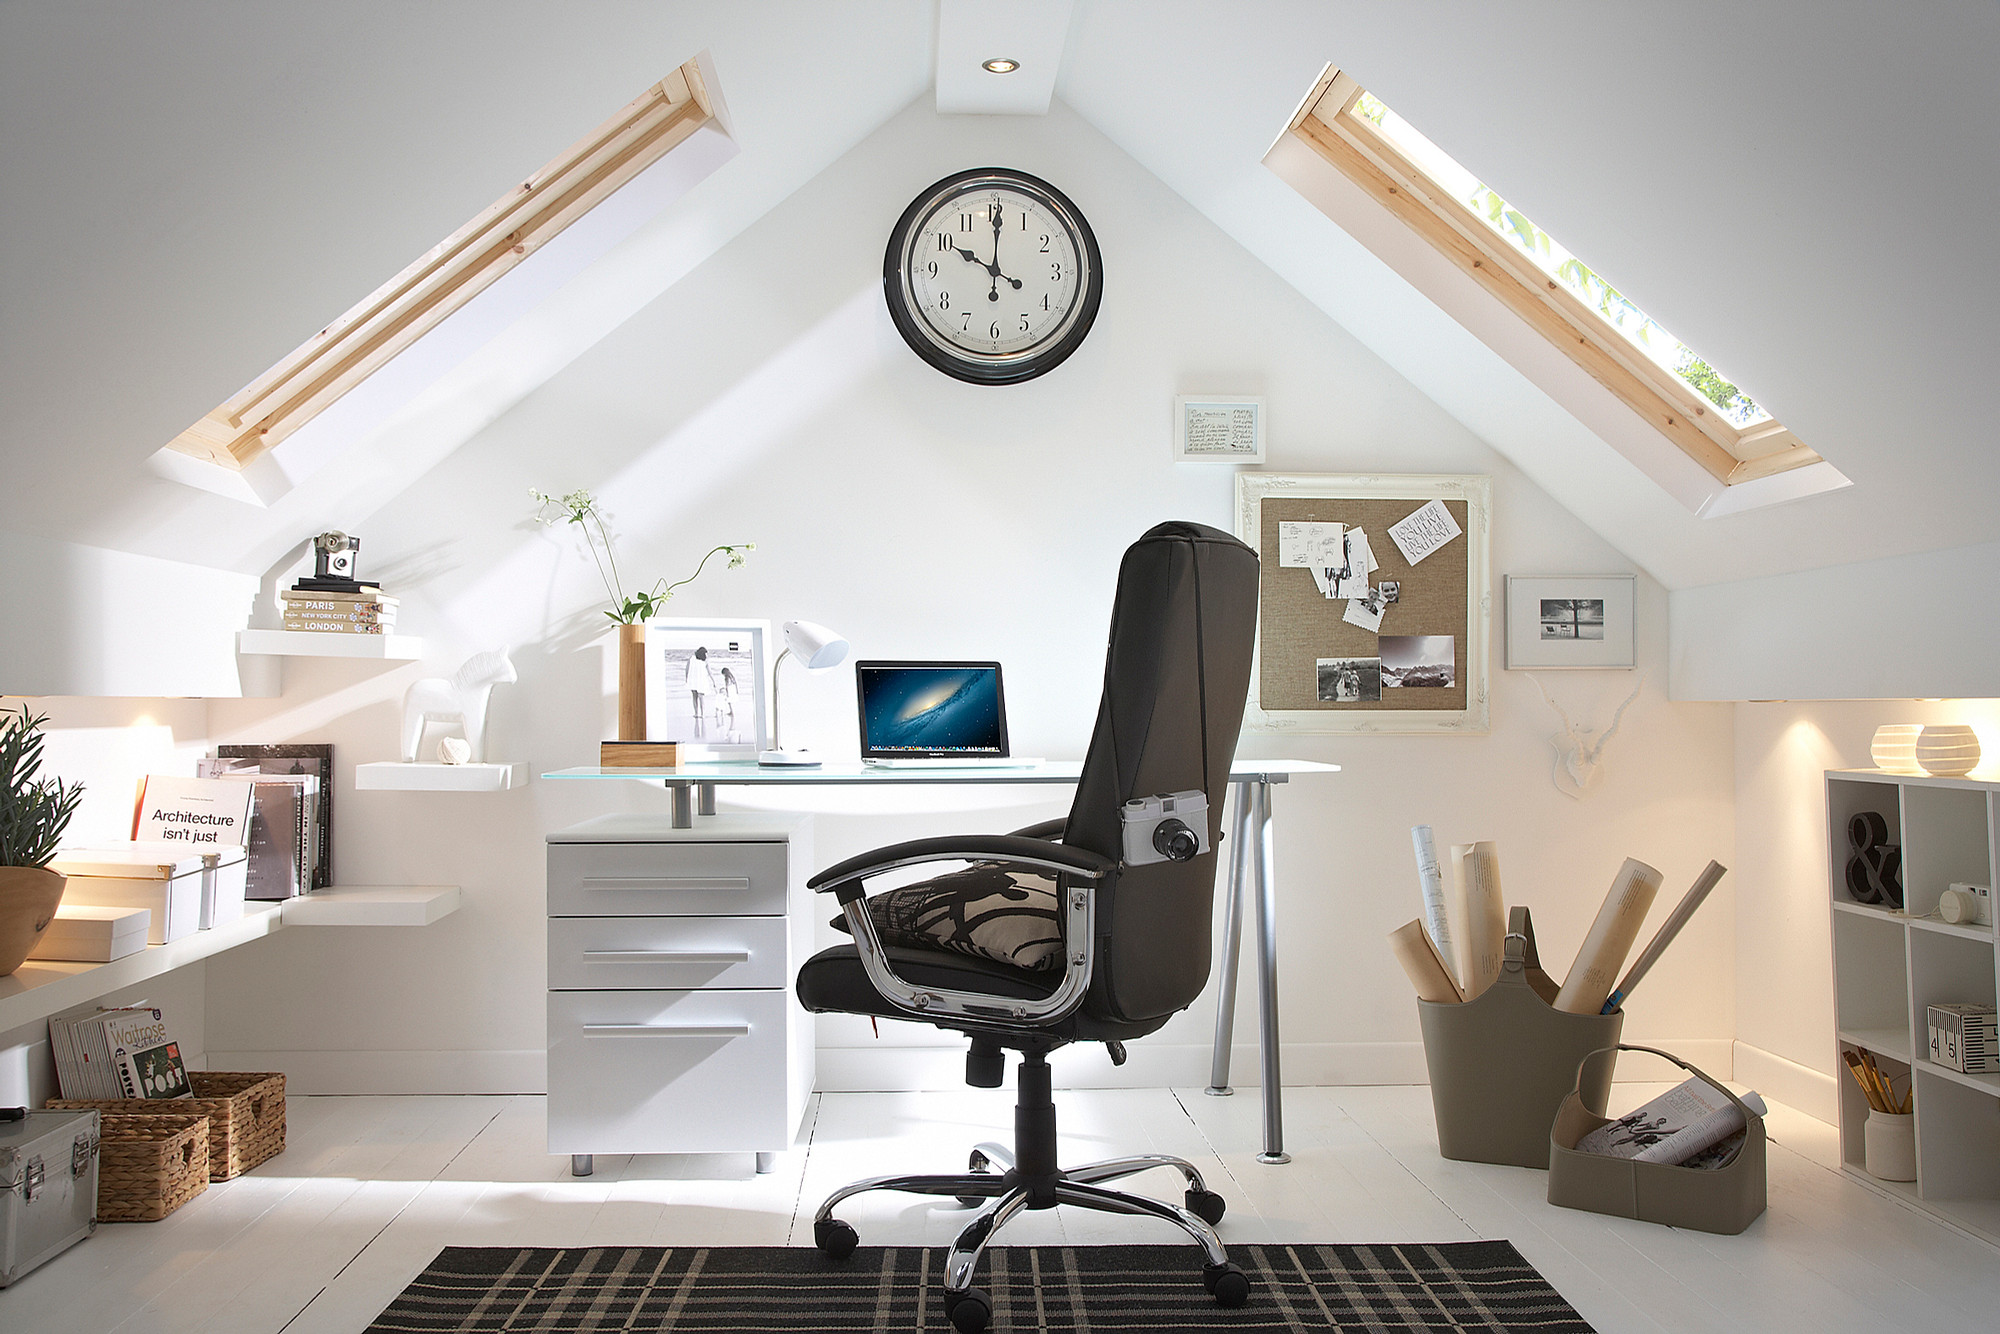 interior design north west uk